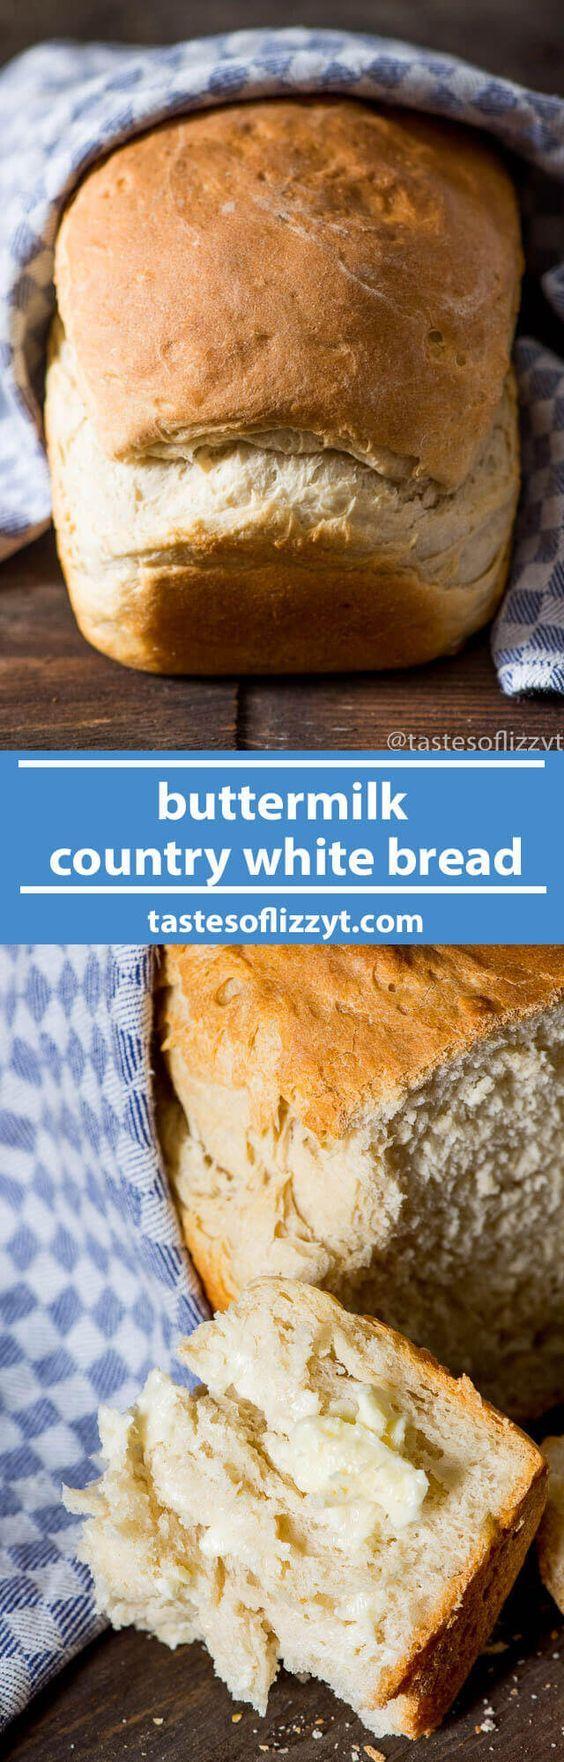 Buttermilk Country White Bread Bread Maker Recipes Bread Machine Recipes Bread Recipes Homemade